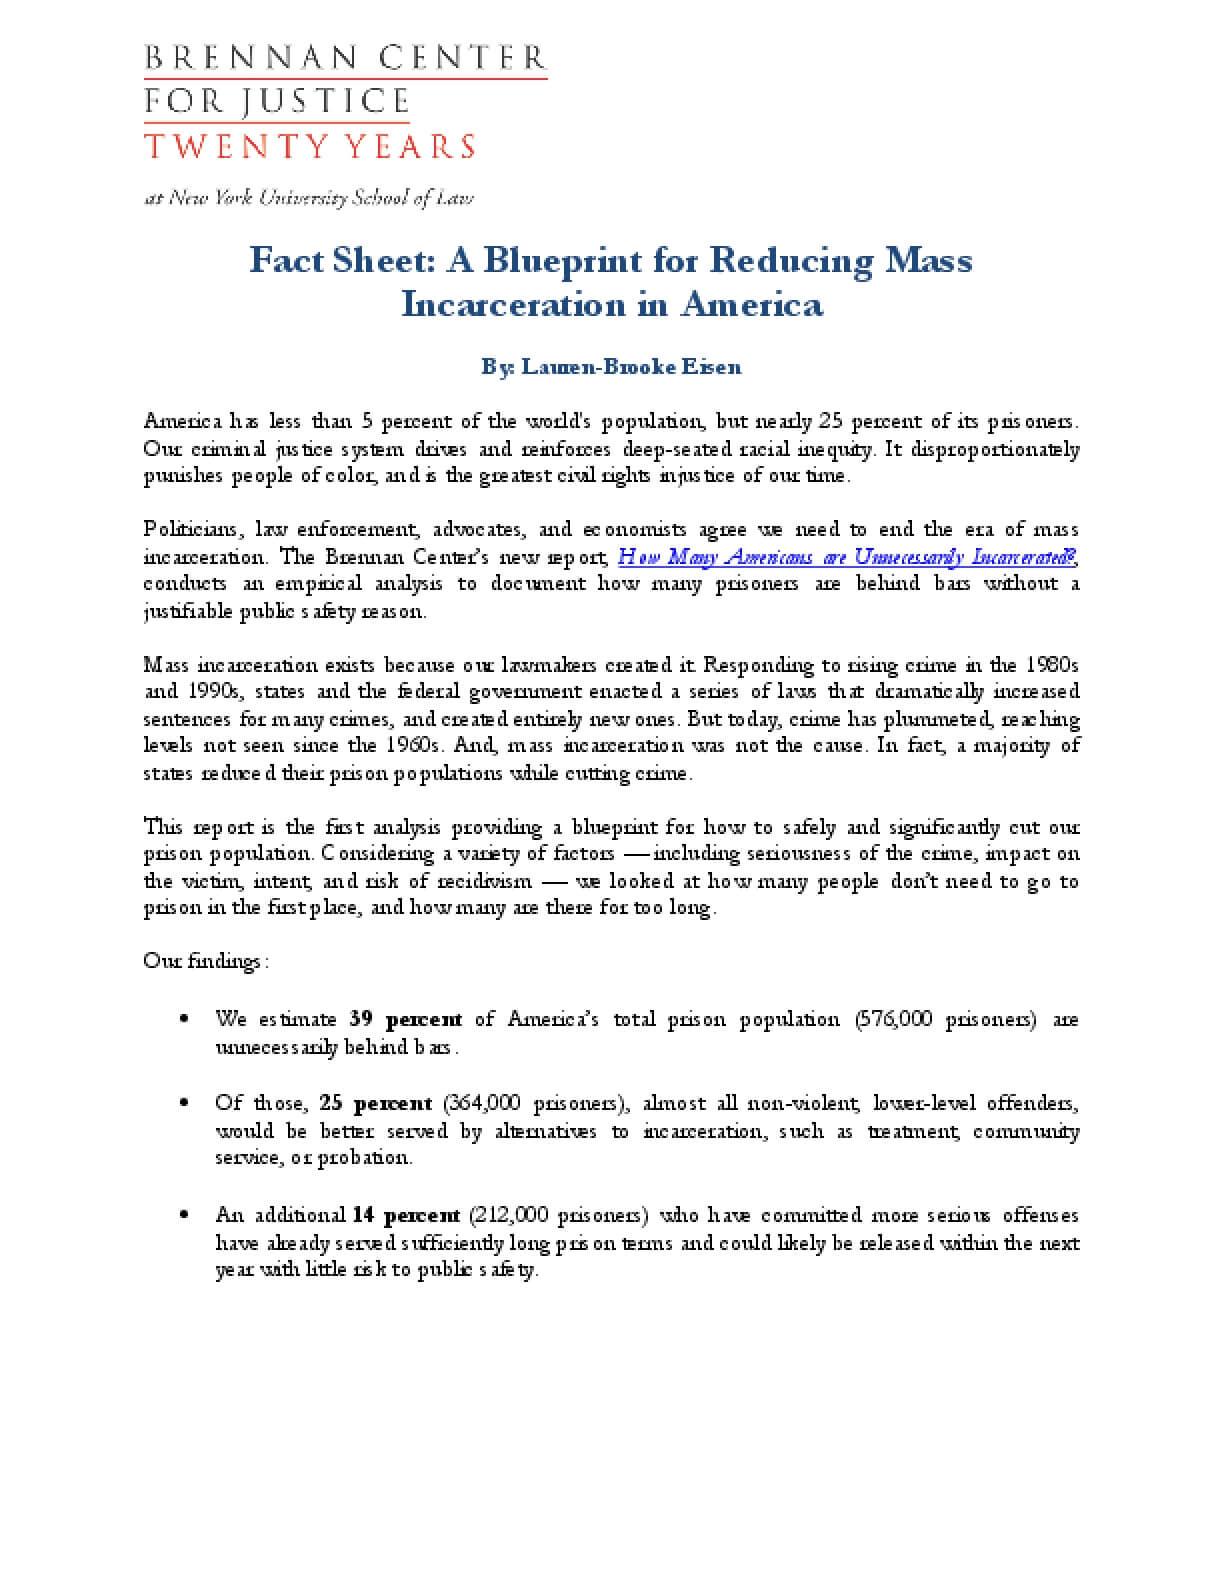 Fact sheet a blueprint for reducing mass incarceration in america fact sheet a blueprint for reducing mass incarceration in america malvernweather Gallery